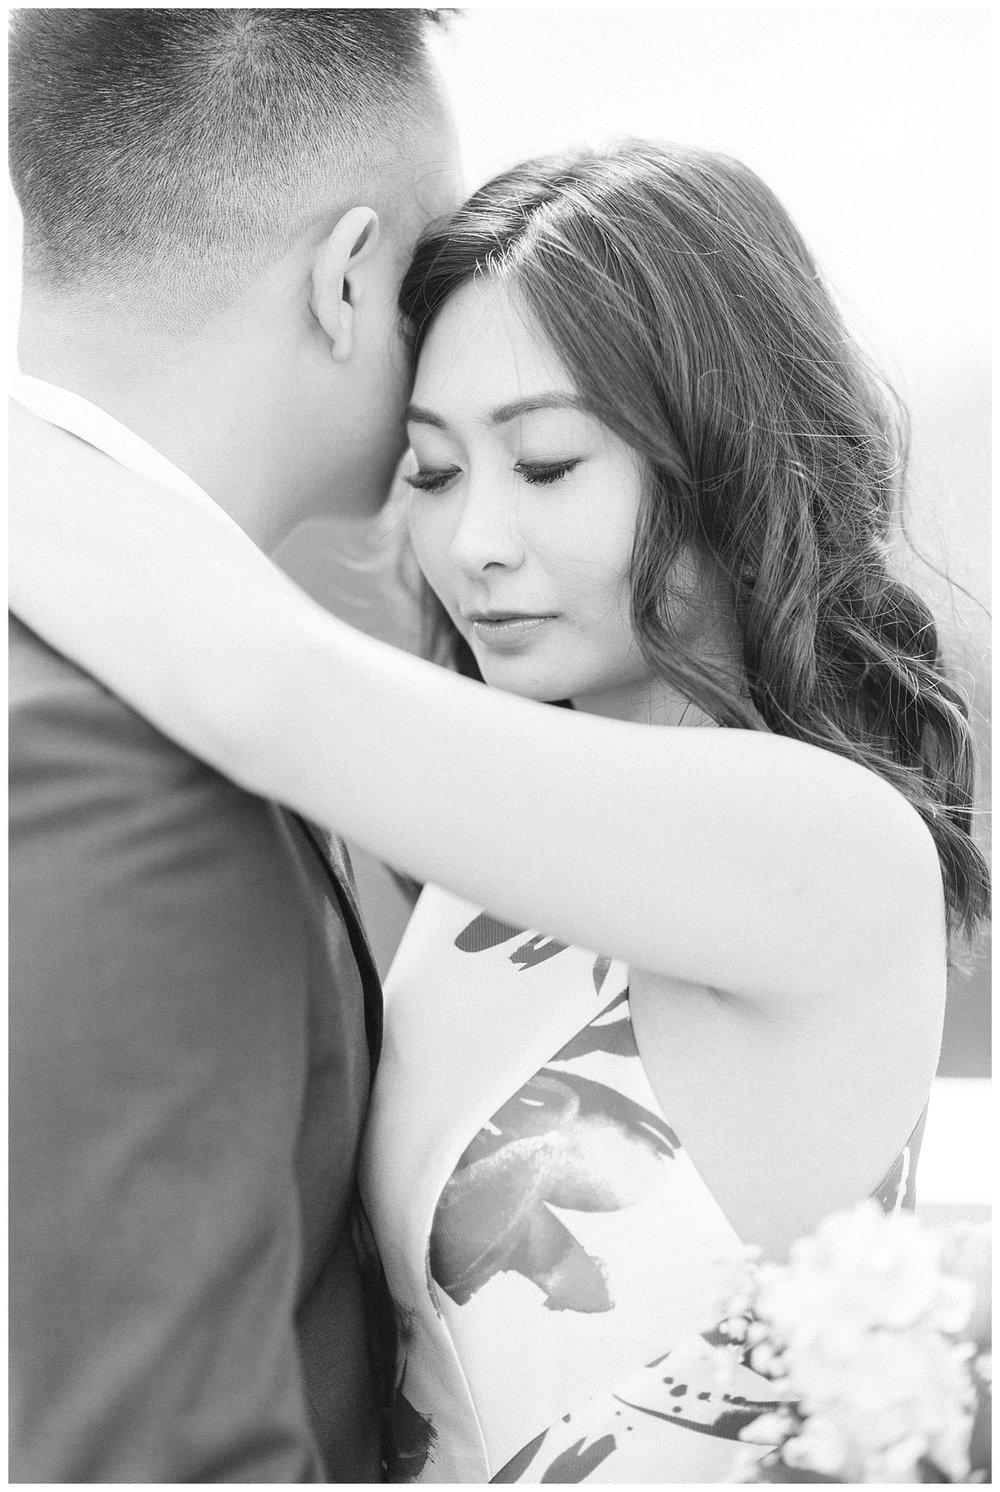 Mattie C. Hong Kong Vancouver Fine Art Wedding Prewedding Photographer13.jpg